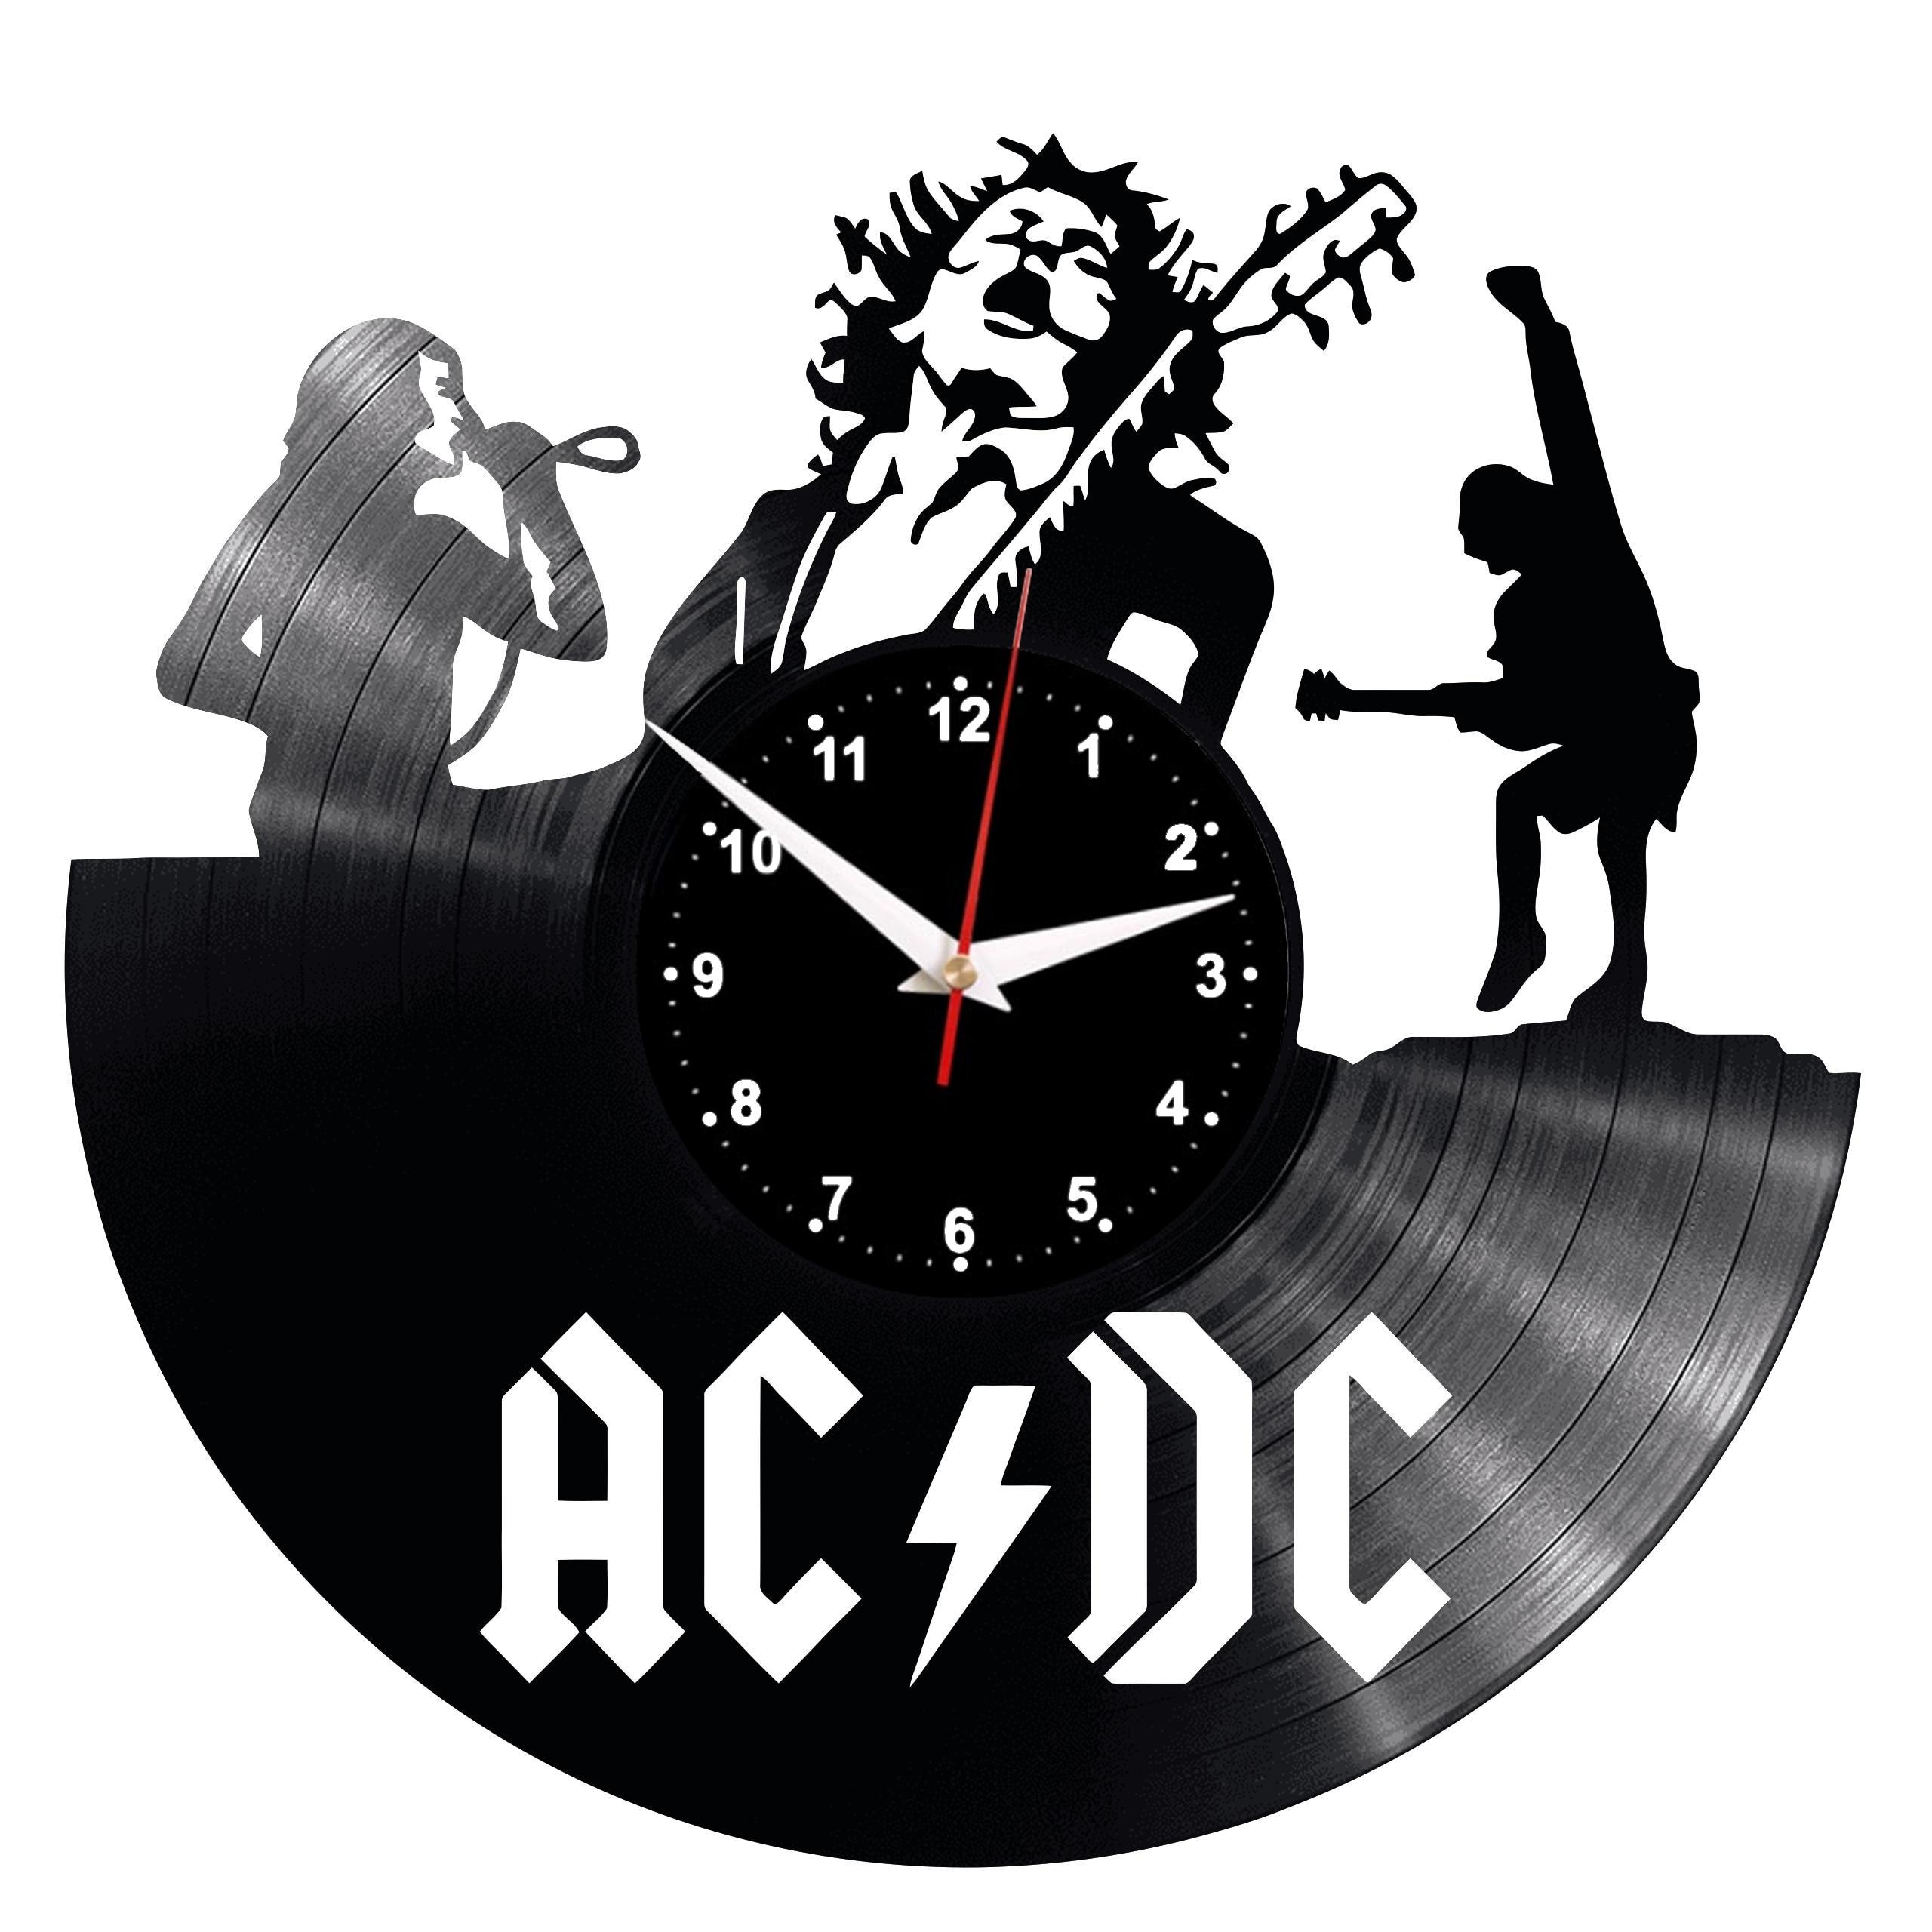 Reloj de pared ACDC, reloj Retro de vinilo con registro hecho a mano, regalo Vintage, decoración para habitación, hogar, gran reloj de regalo